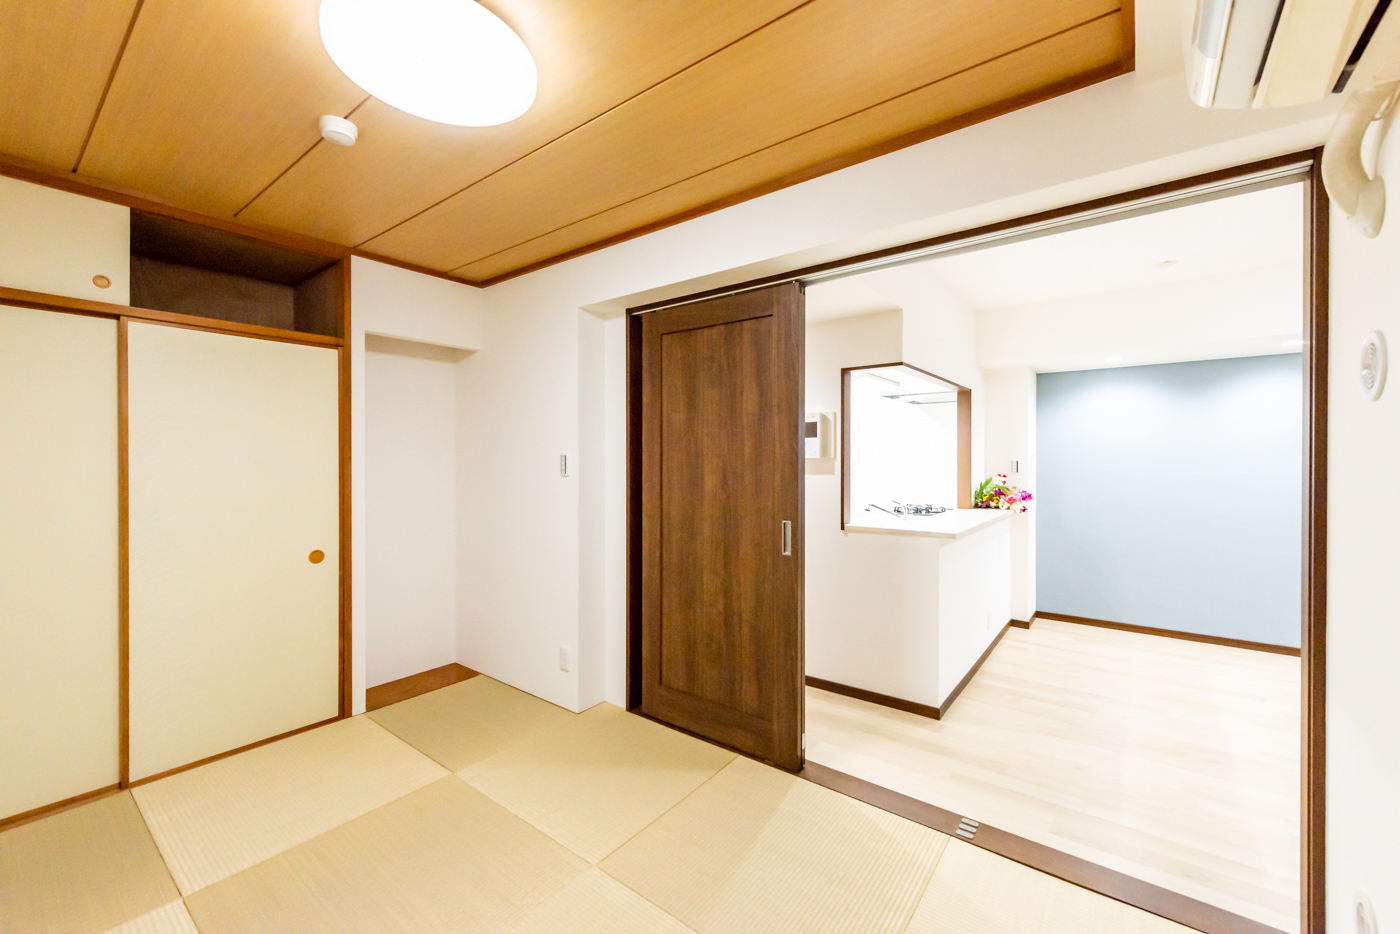 和室(約6帖)の引戸を開けると広々した空間が生まれます